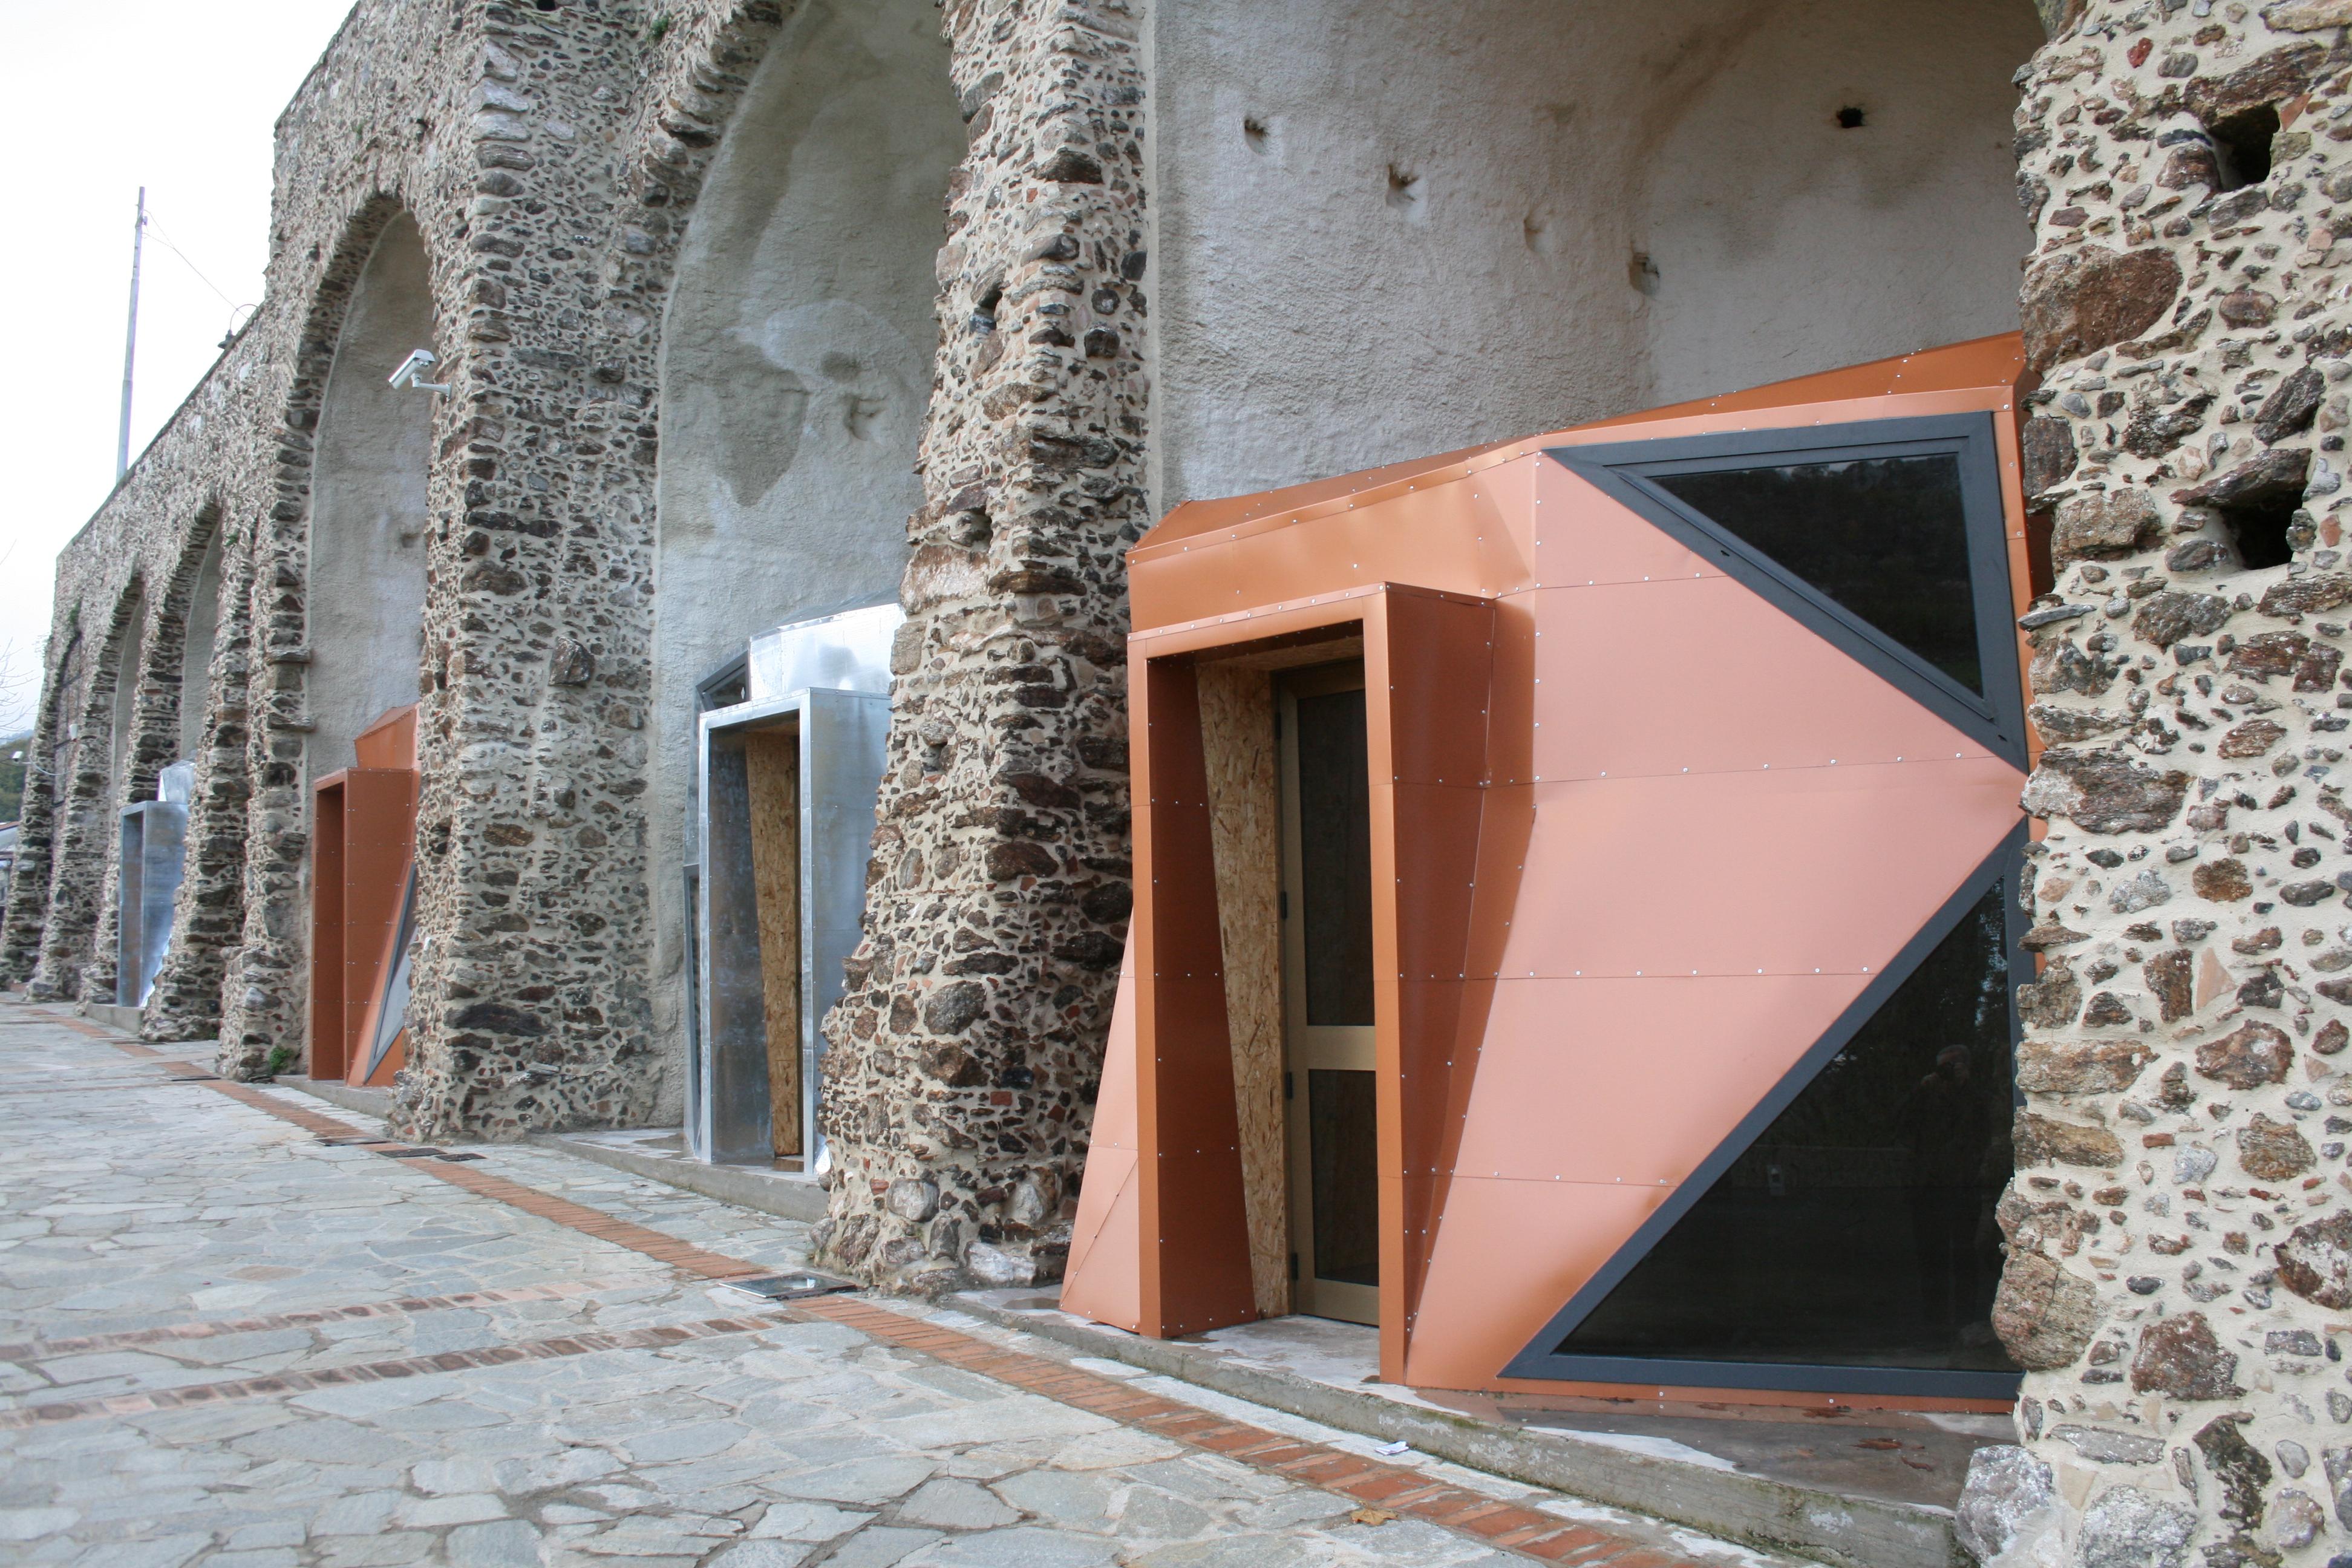 Le logge lotto 2 riqualificazione centro storico san vito sullo ionio 2010 2014 studio - Studio casa melzo ...